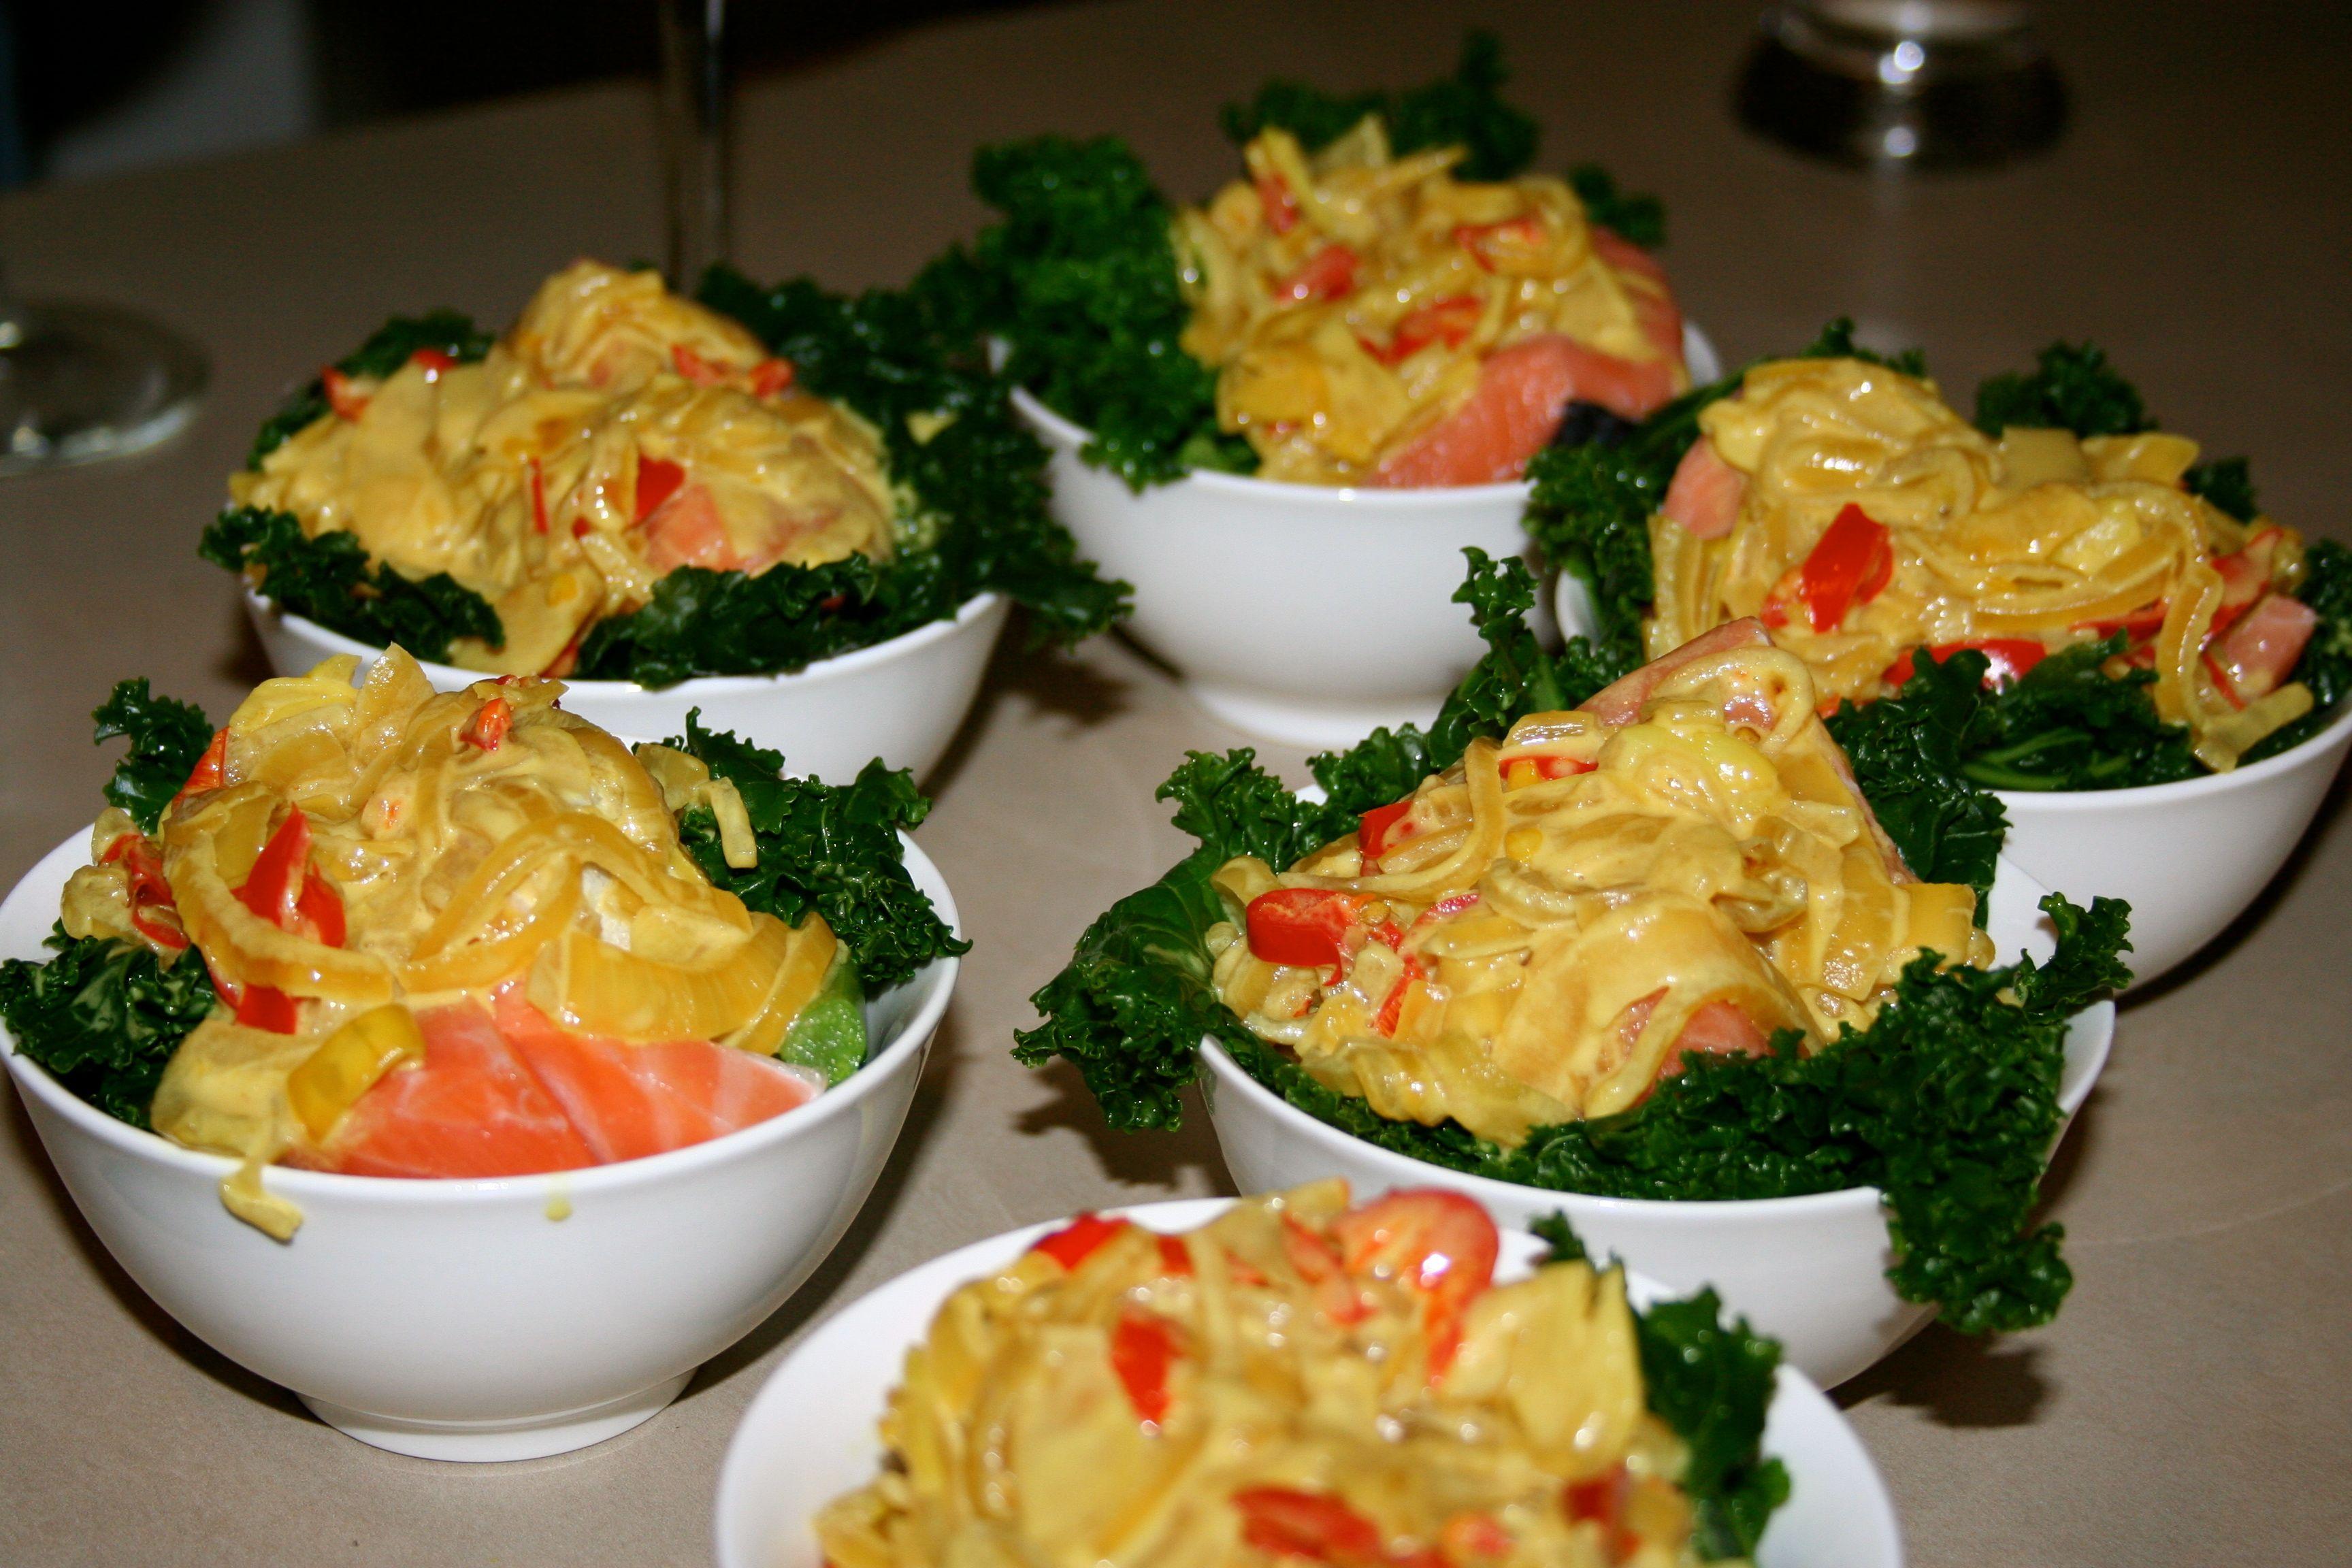 Resep Ikan Salmon Kukus Daun Singkong Resep Masakan Dapur Arie Resep Resep Ikan Makanan Masakan Asia